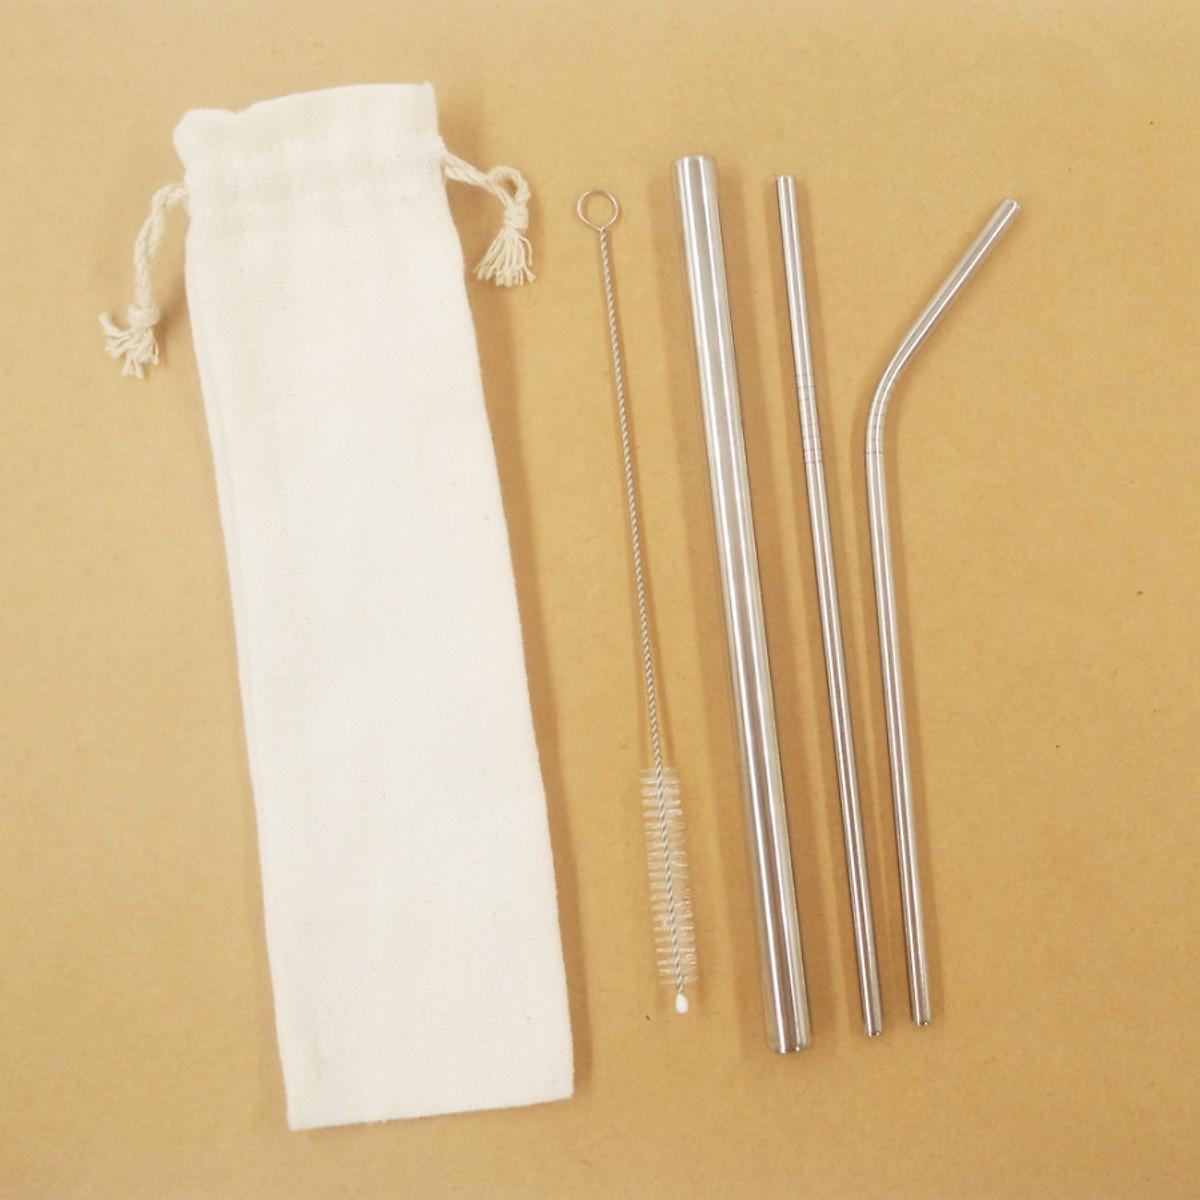 Bộ 3 ống hút inox cao câp , cọ rửa và túi đựng